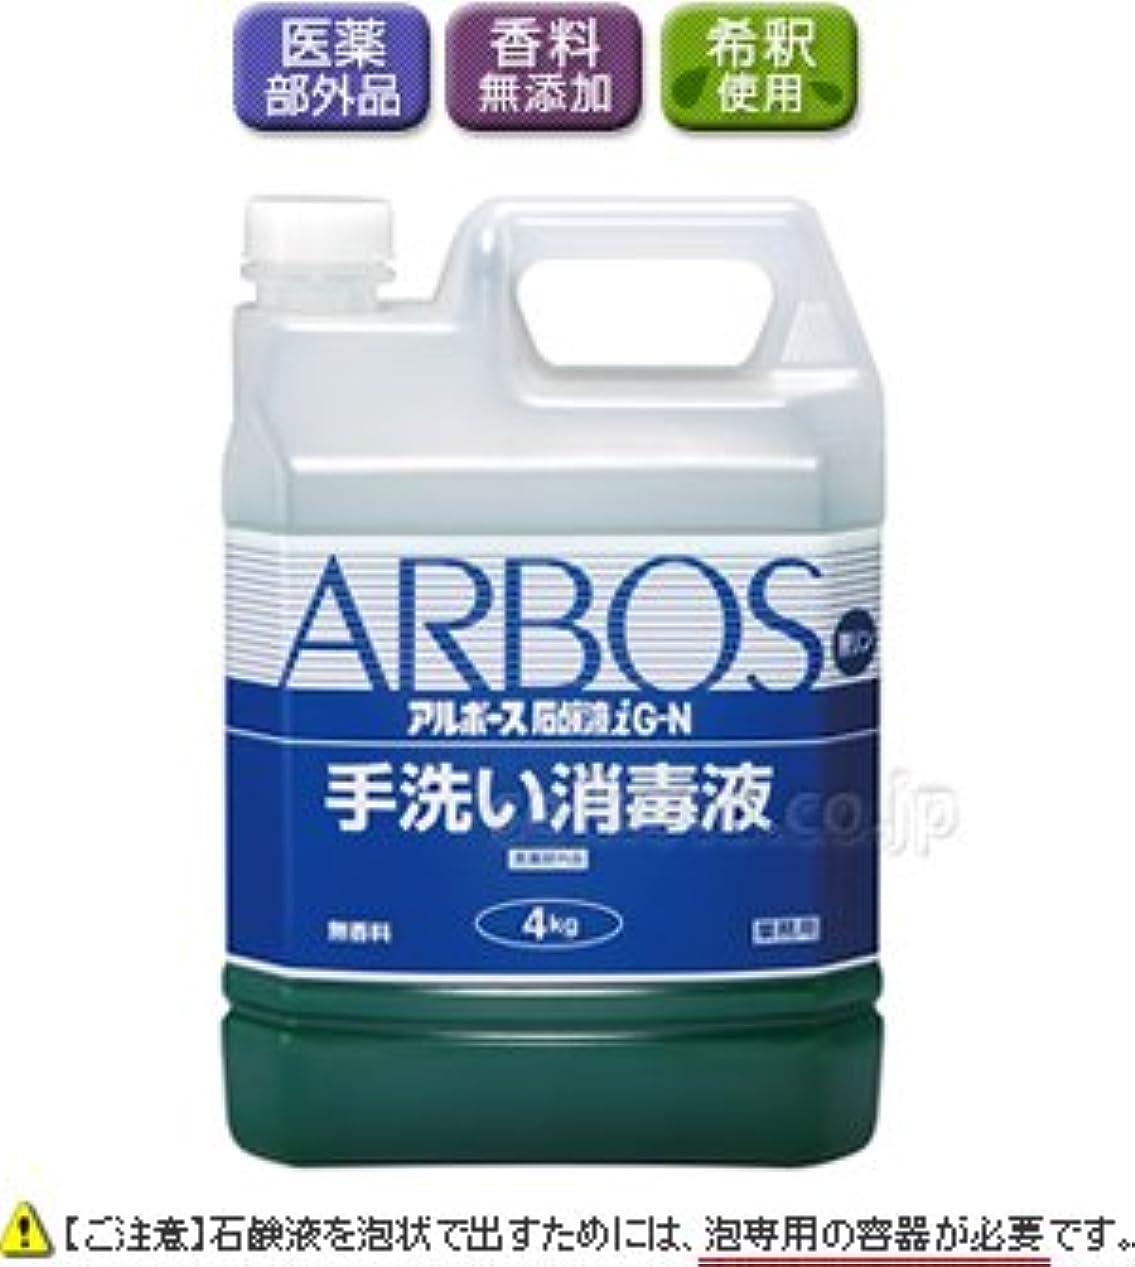 ハグ踏みつけピン【清潔キレイ館】アルボース石鹸液iG-N(4kg×1本)